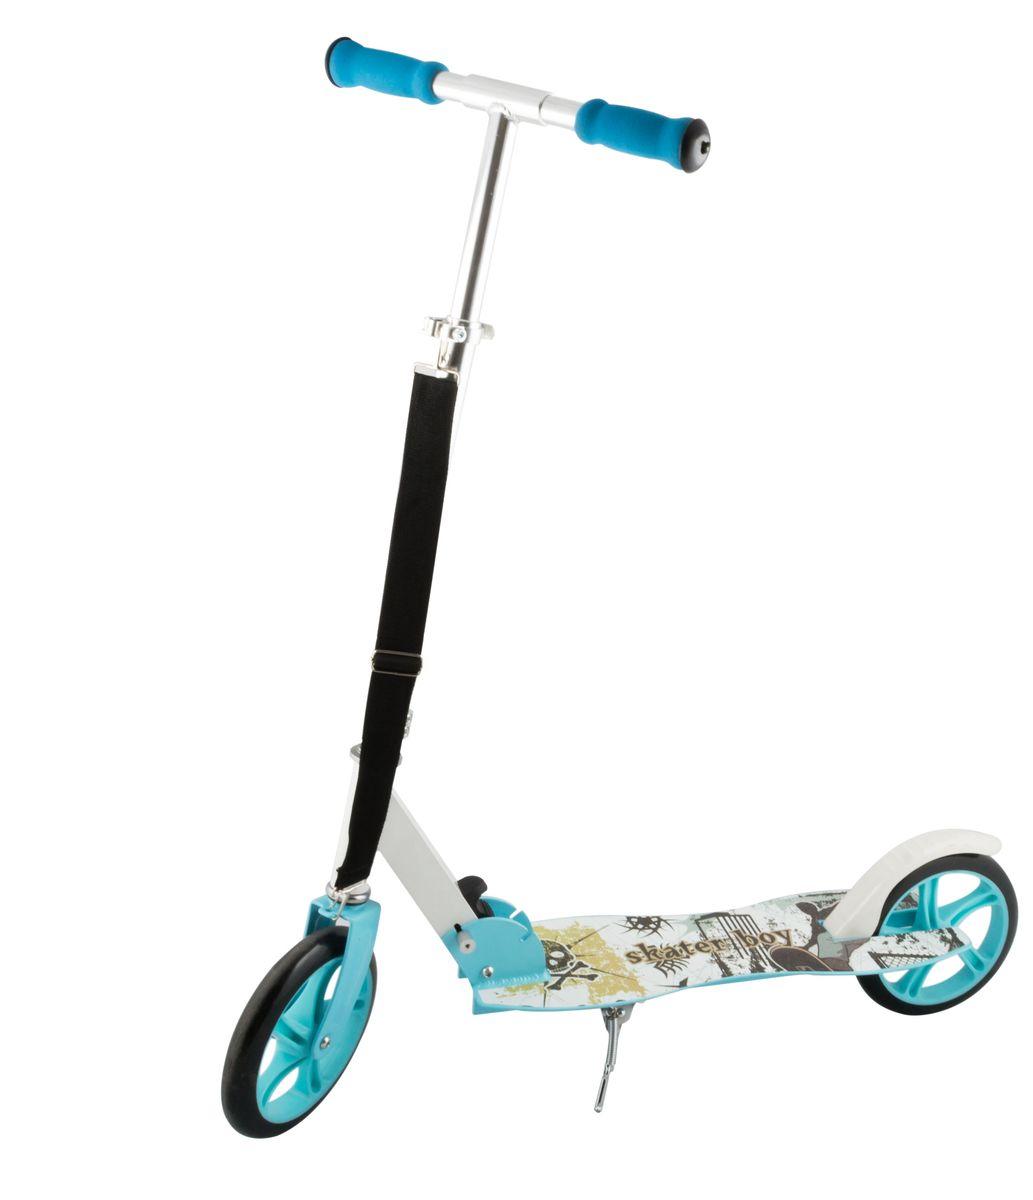 """Самокат 2-колесный SC-04 (200 мм), цвет: синийMHDR2G/AСамокат 2-х колесный SC-04 (200 мм) - это модель имеет индивидуальный дизайн, что отличает ее от остальных. Геометрия деки с """"талией"""" никого не оставит равнодушным. Удобная лямка для переноски самоката. Двухколесная модель с 200-мм колесами для взрослых и детей. Эргономичные резиновые грипсы. Телескопический руль. Удобная система складывания. Алюминиевая дека. Металлический тормоз. Полиуретановые 200-мм колеса. Подножка для устойчивости самоката. Подшипники ABEC 7 для быстрой и плавной езды.Технические характеристики:Дека: алюминийРучки: формованная пенаРуль: алюминийМатериал колеса (внутр): полипропиленМатериал колеса (внешний): полиуретанРегулировка руля: естьСистема складывания: естьРазмер колеса, мм: 200Подшипники: Abec-7Цвет: синийВес, гр: 3600Производство: КНРЕд. изм: шт.Кратность товара: 1Количество в коробке: 4"""